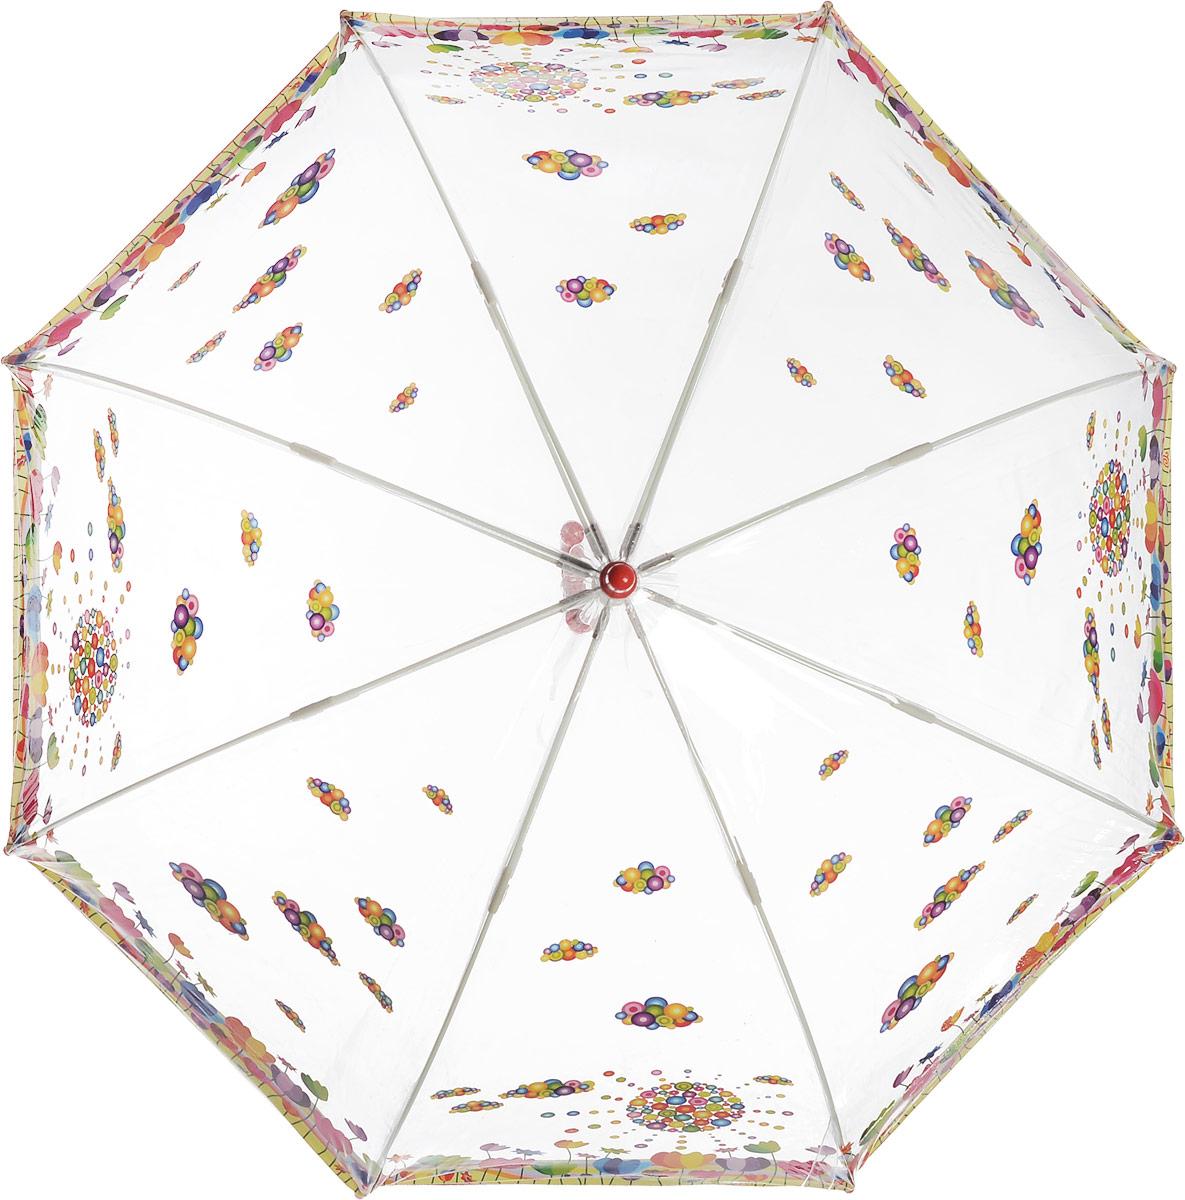 Зонт детский Zest, механический, трость, цвет: прозрачный, красный. 51510-0351510-03Чудесный прозрачный зонтик с изображением красочного рисунка на прозрачном куполе. Эта очень позитивная, прочная в применении модель обязательно понравится Вашему ребенку.